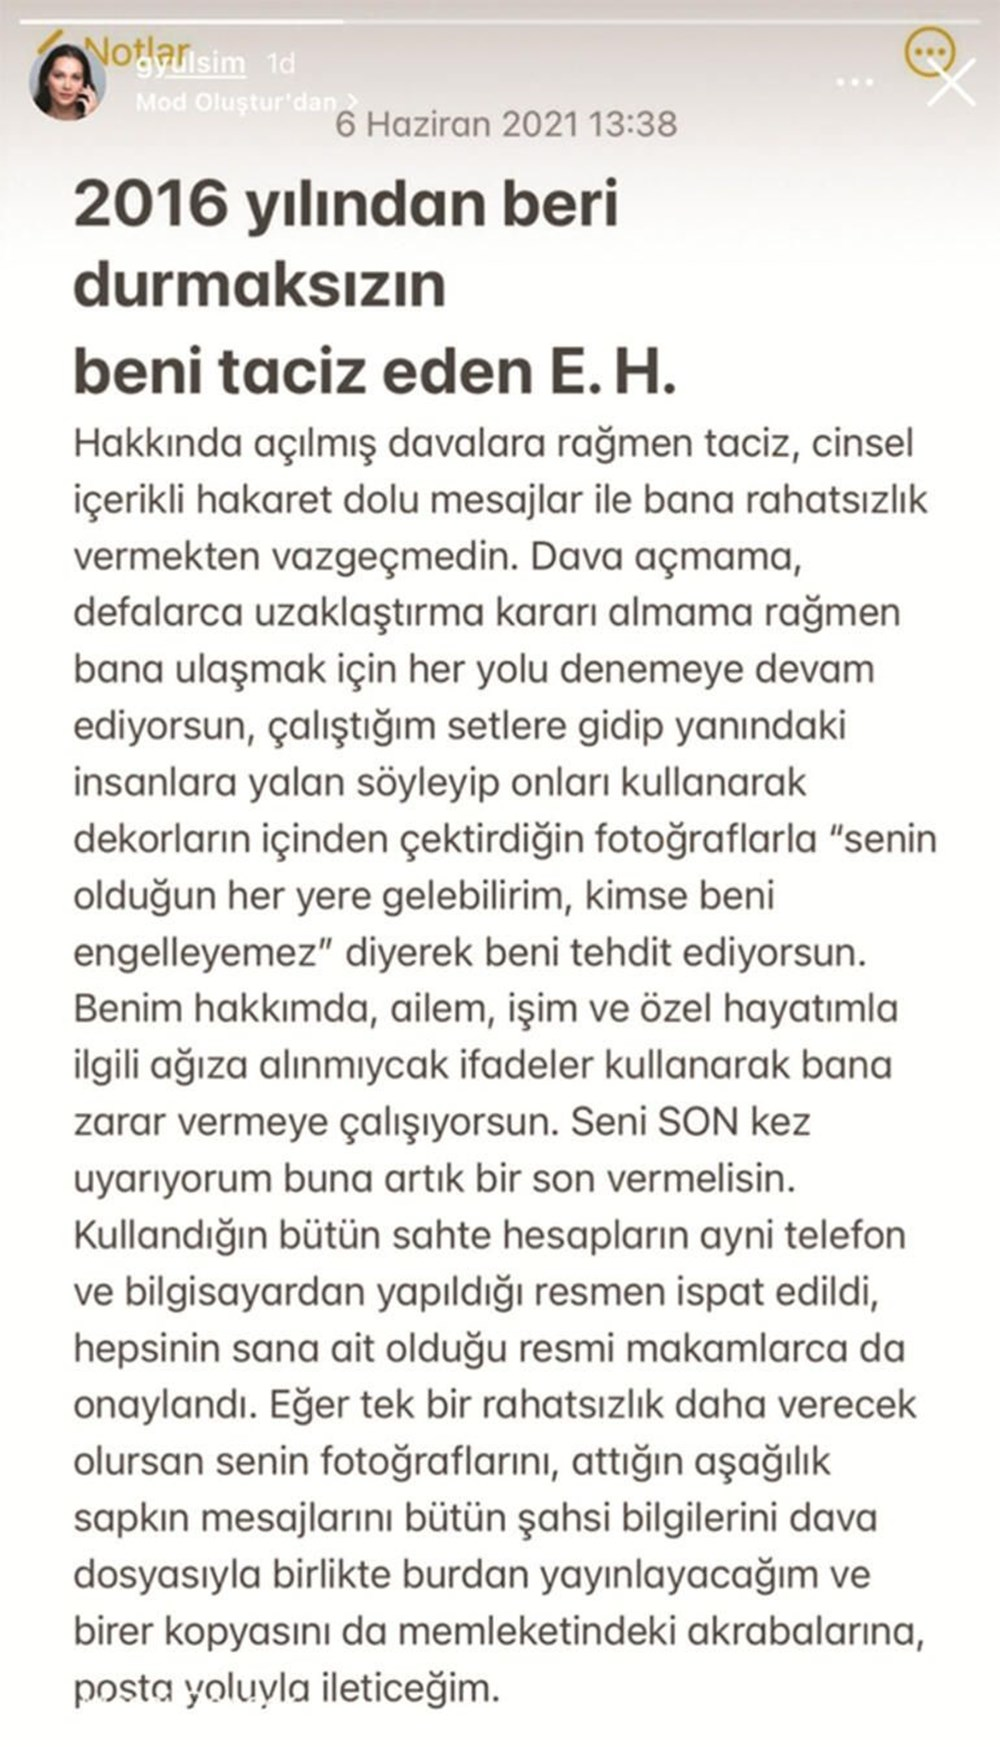 Gönül Dağı oyuncusu Gülsim Ali İlhan tacizciye sosyal medyadan seslendi: Son vermezsen açıklarım! - 5